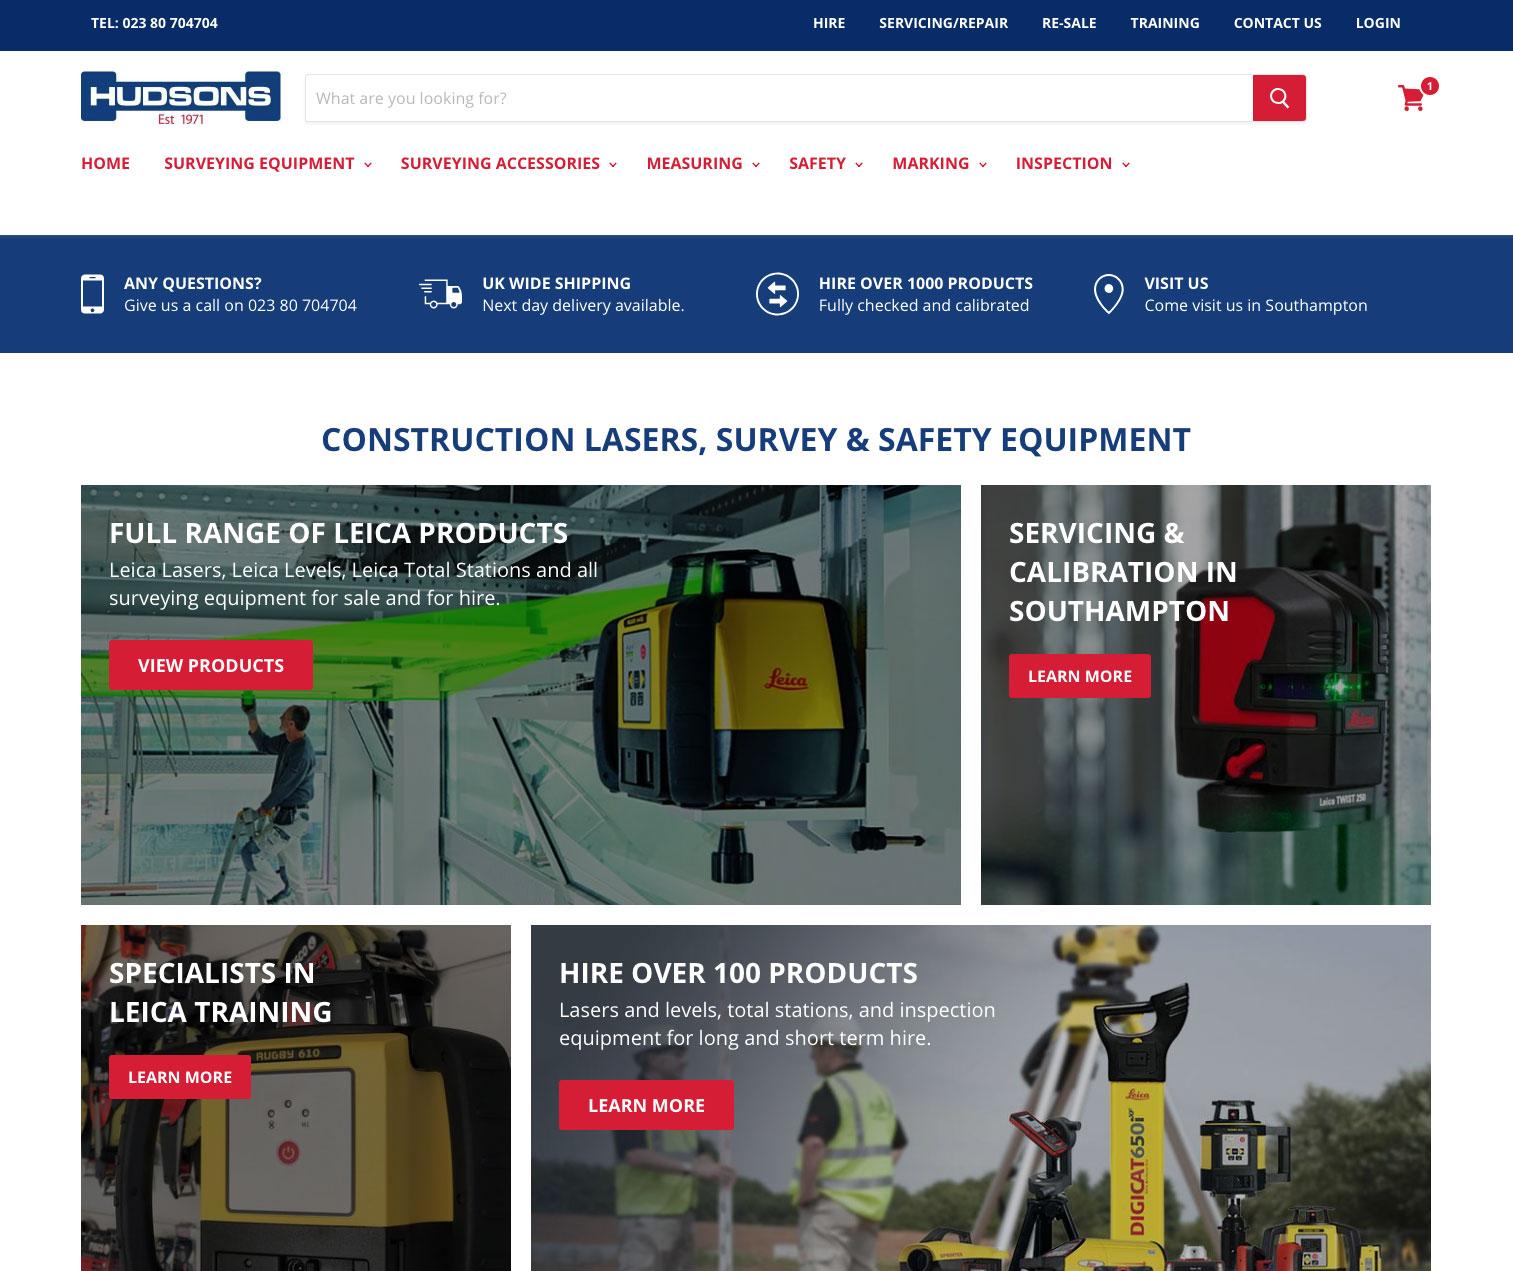 hudsons website